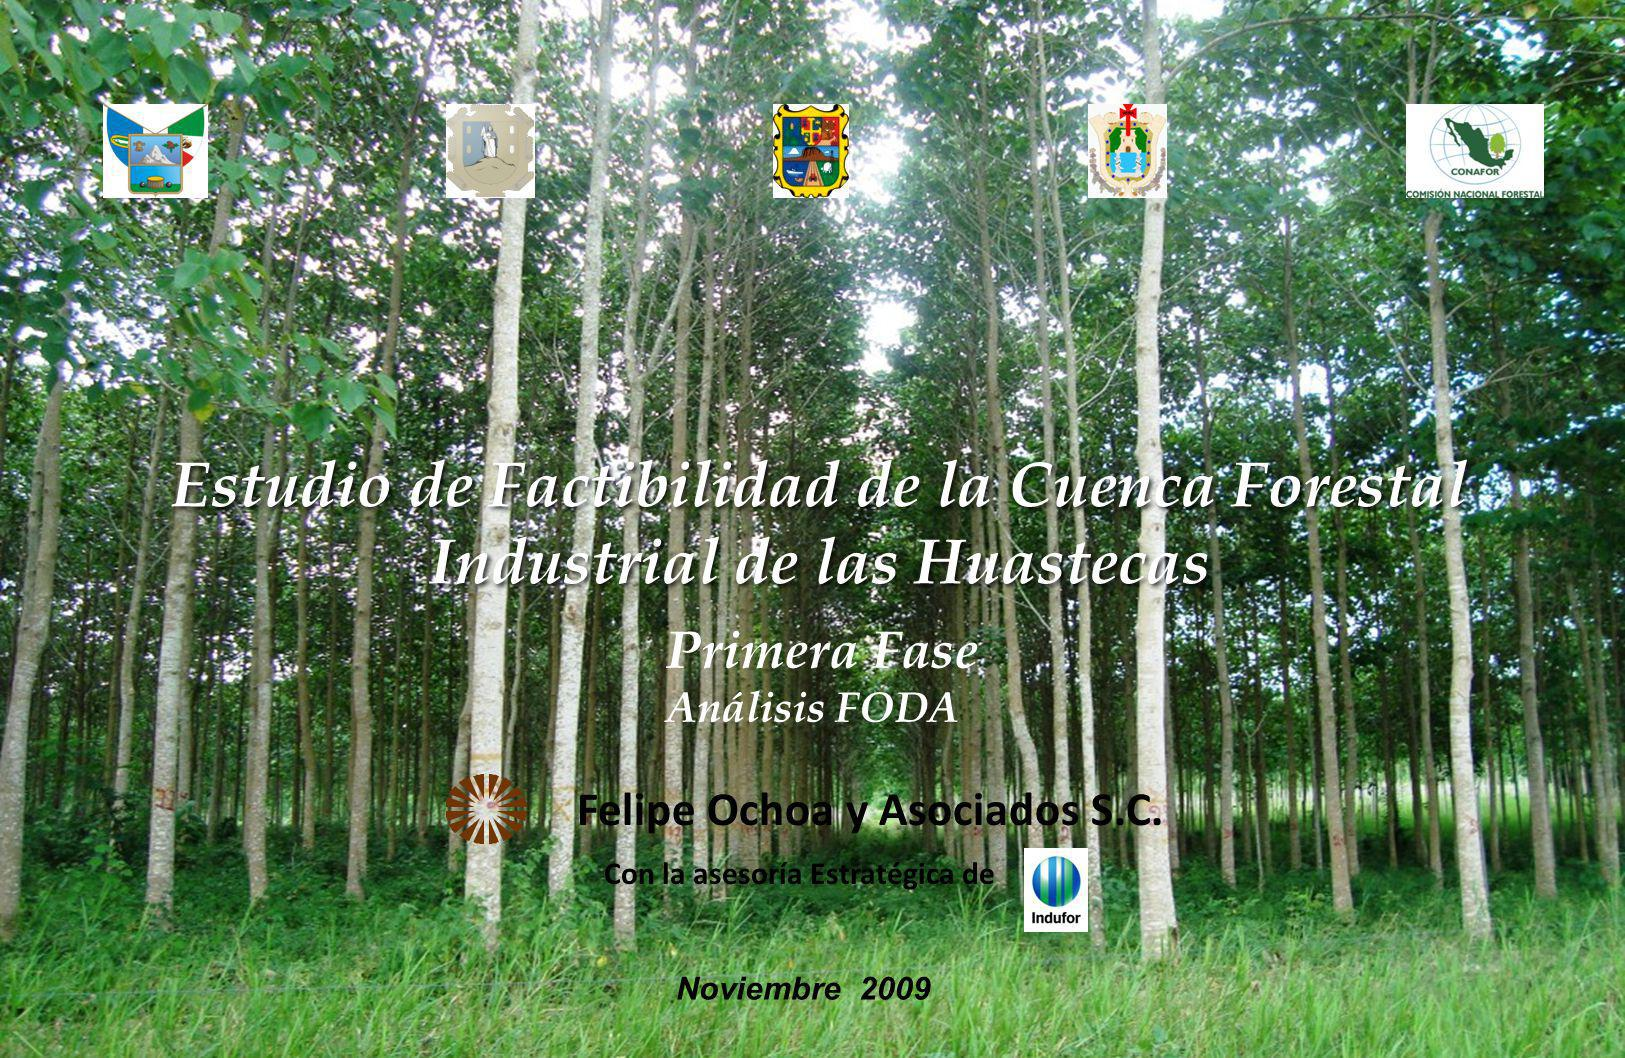 Estudio de Factibilidad de la Cuenca Forestal Industrial de las Huastecas Felipe Ochoa y Asociados S.C. Con la asesoría Estratégica de Noviembre 2009